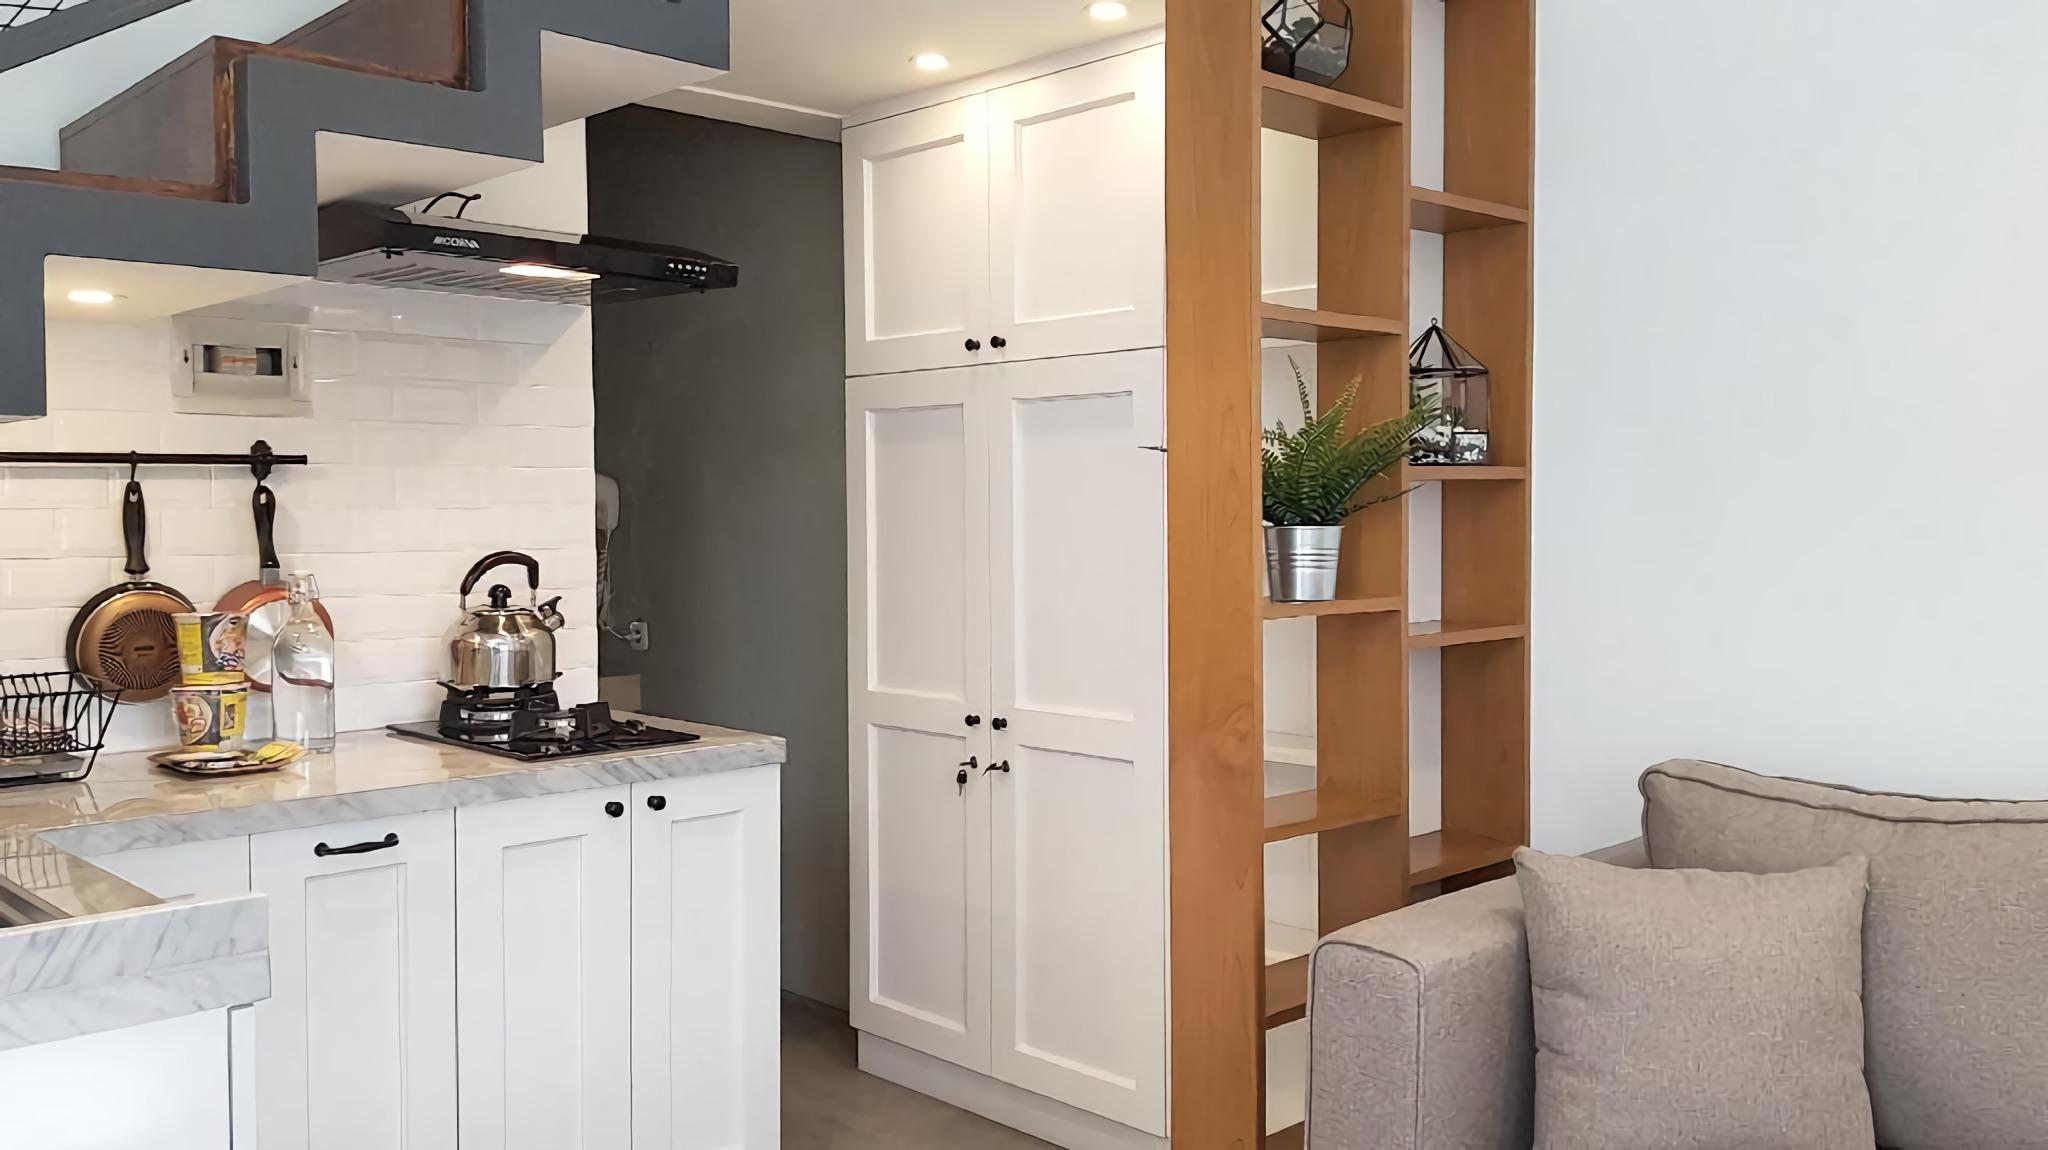 Penginapan minimalis dengan fasilitas dapur mungil (Sumber: agoda.com)